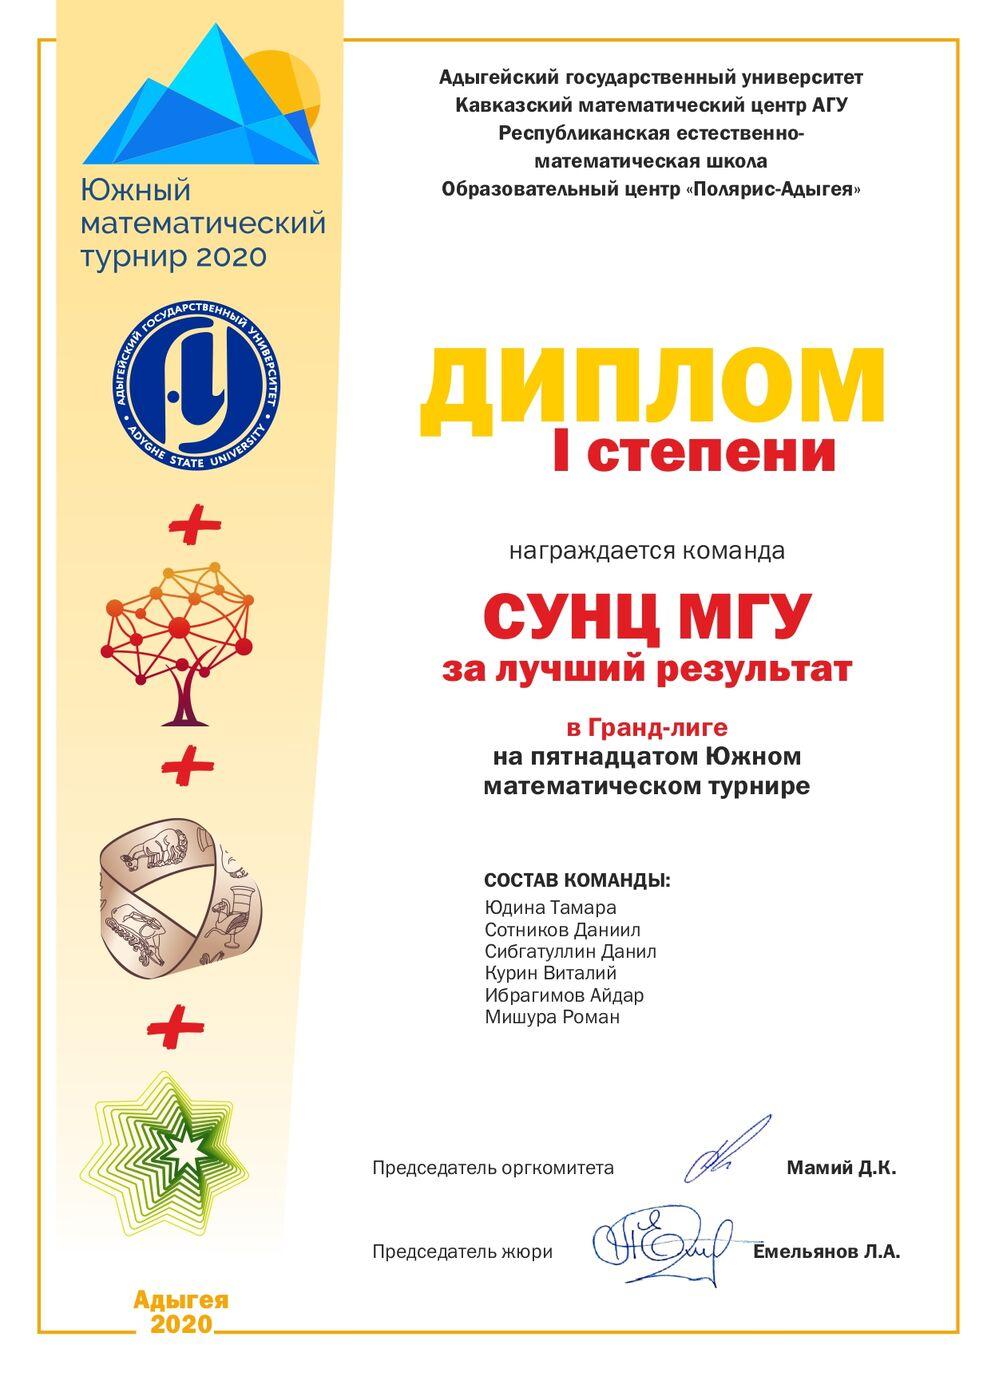 Победа СУНЦ МГУ на Южном математическом турнире